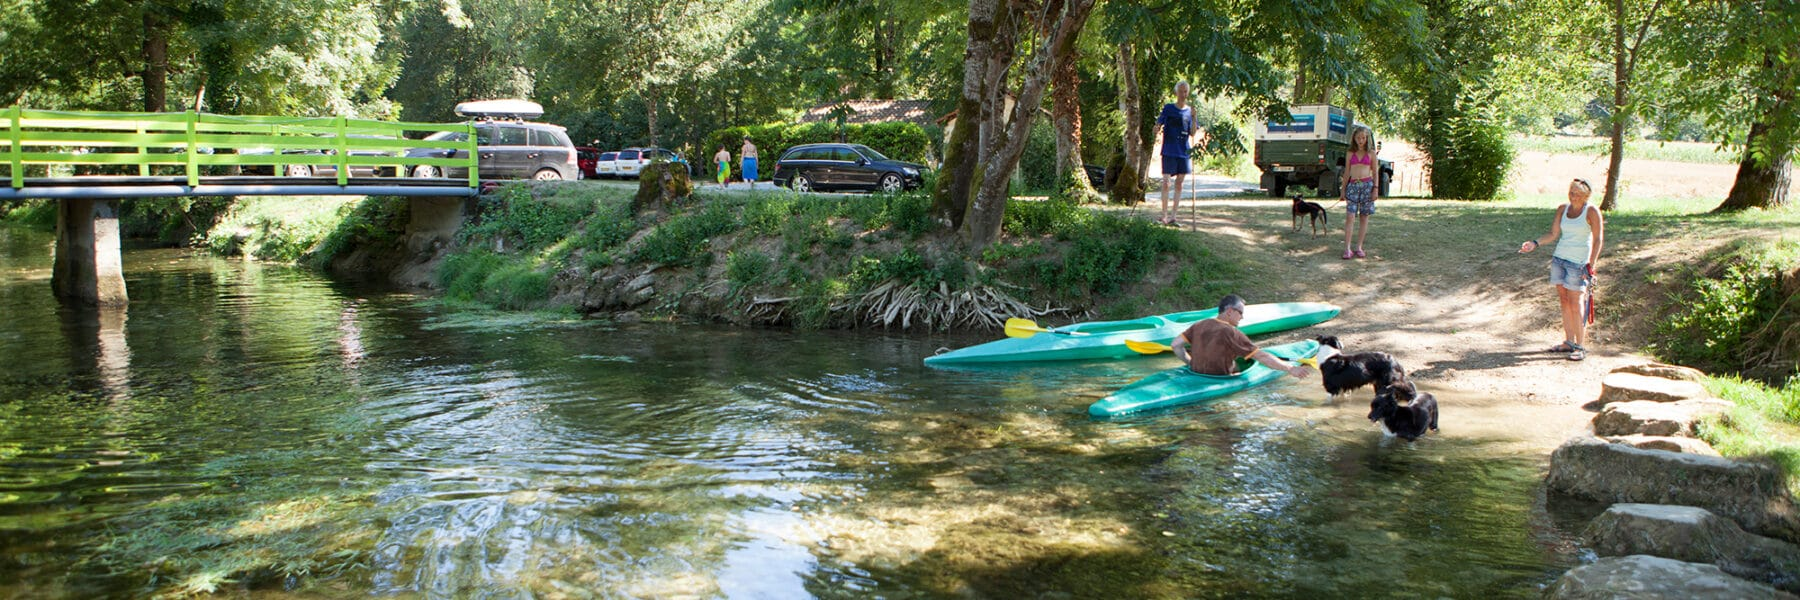 Balade canoe Céou au camping en Dordogne